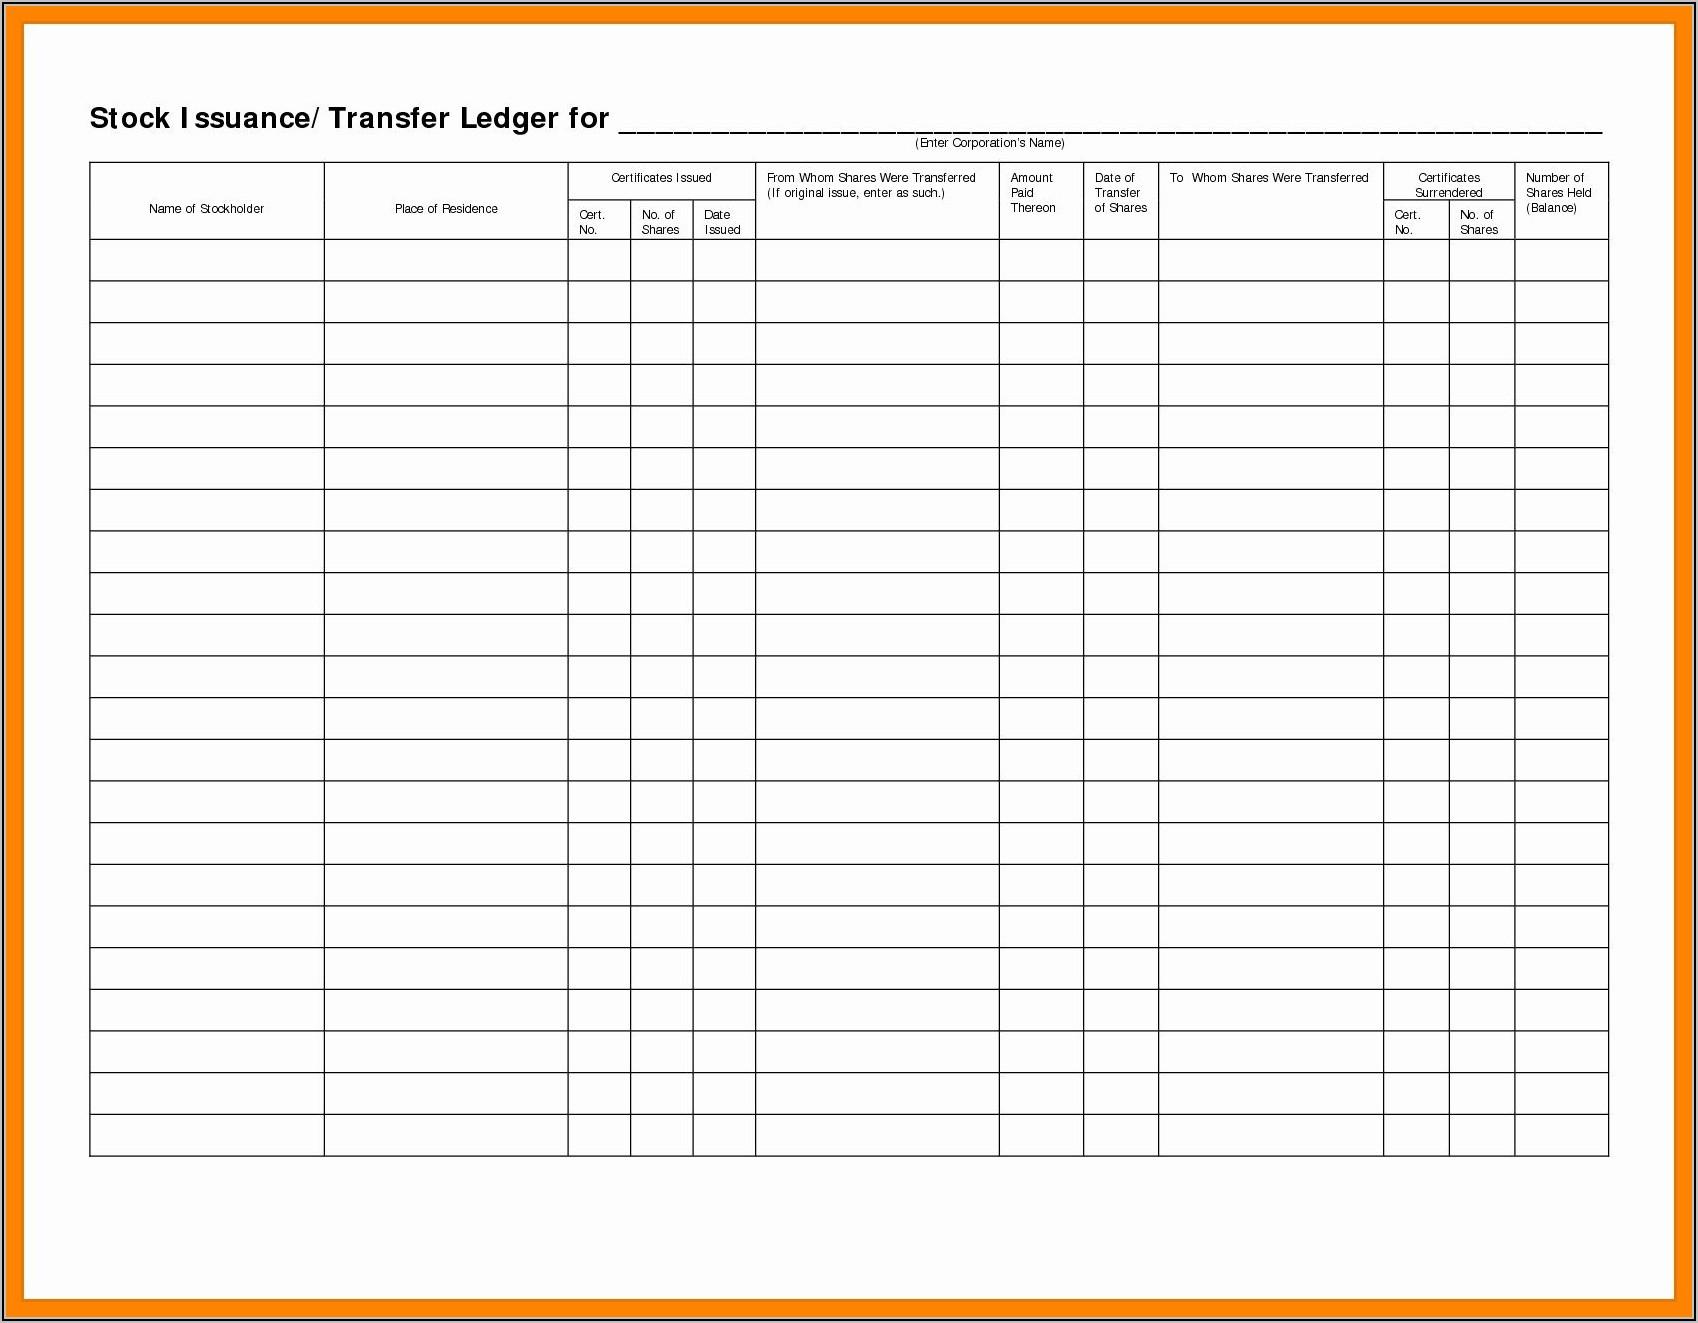 Stock Transfer Ledger Template